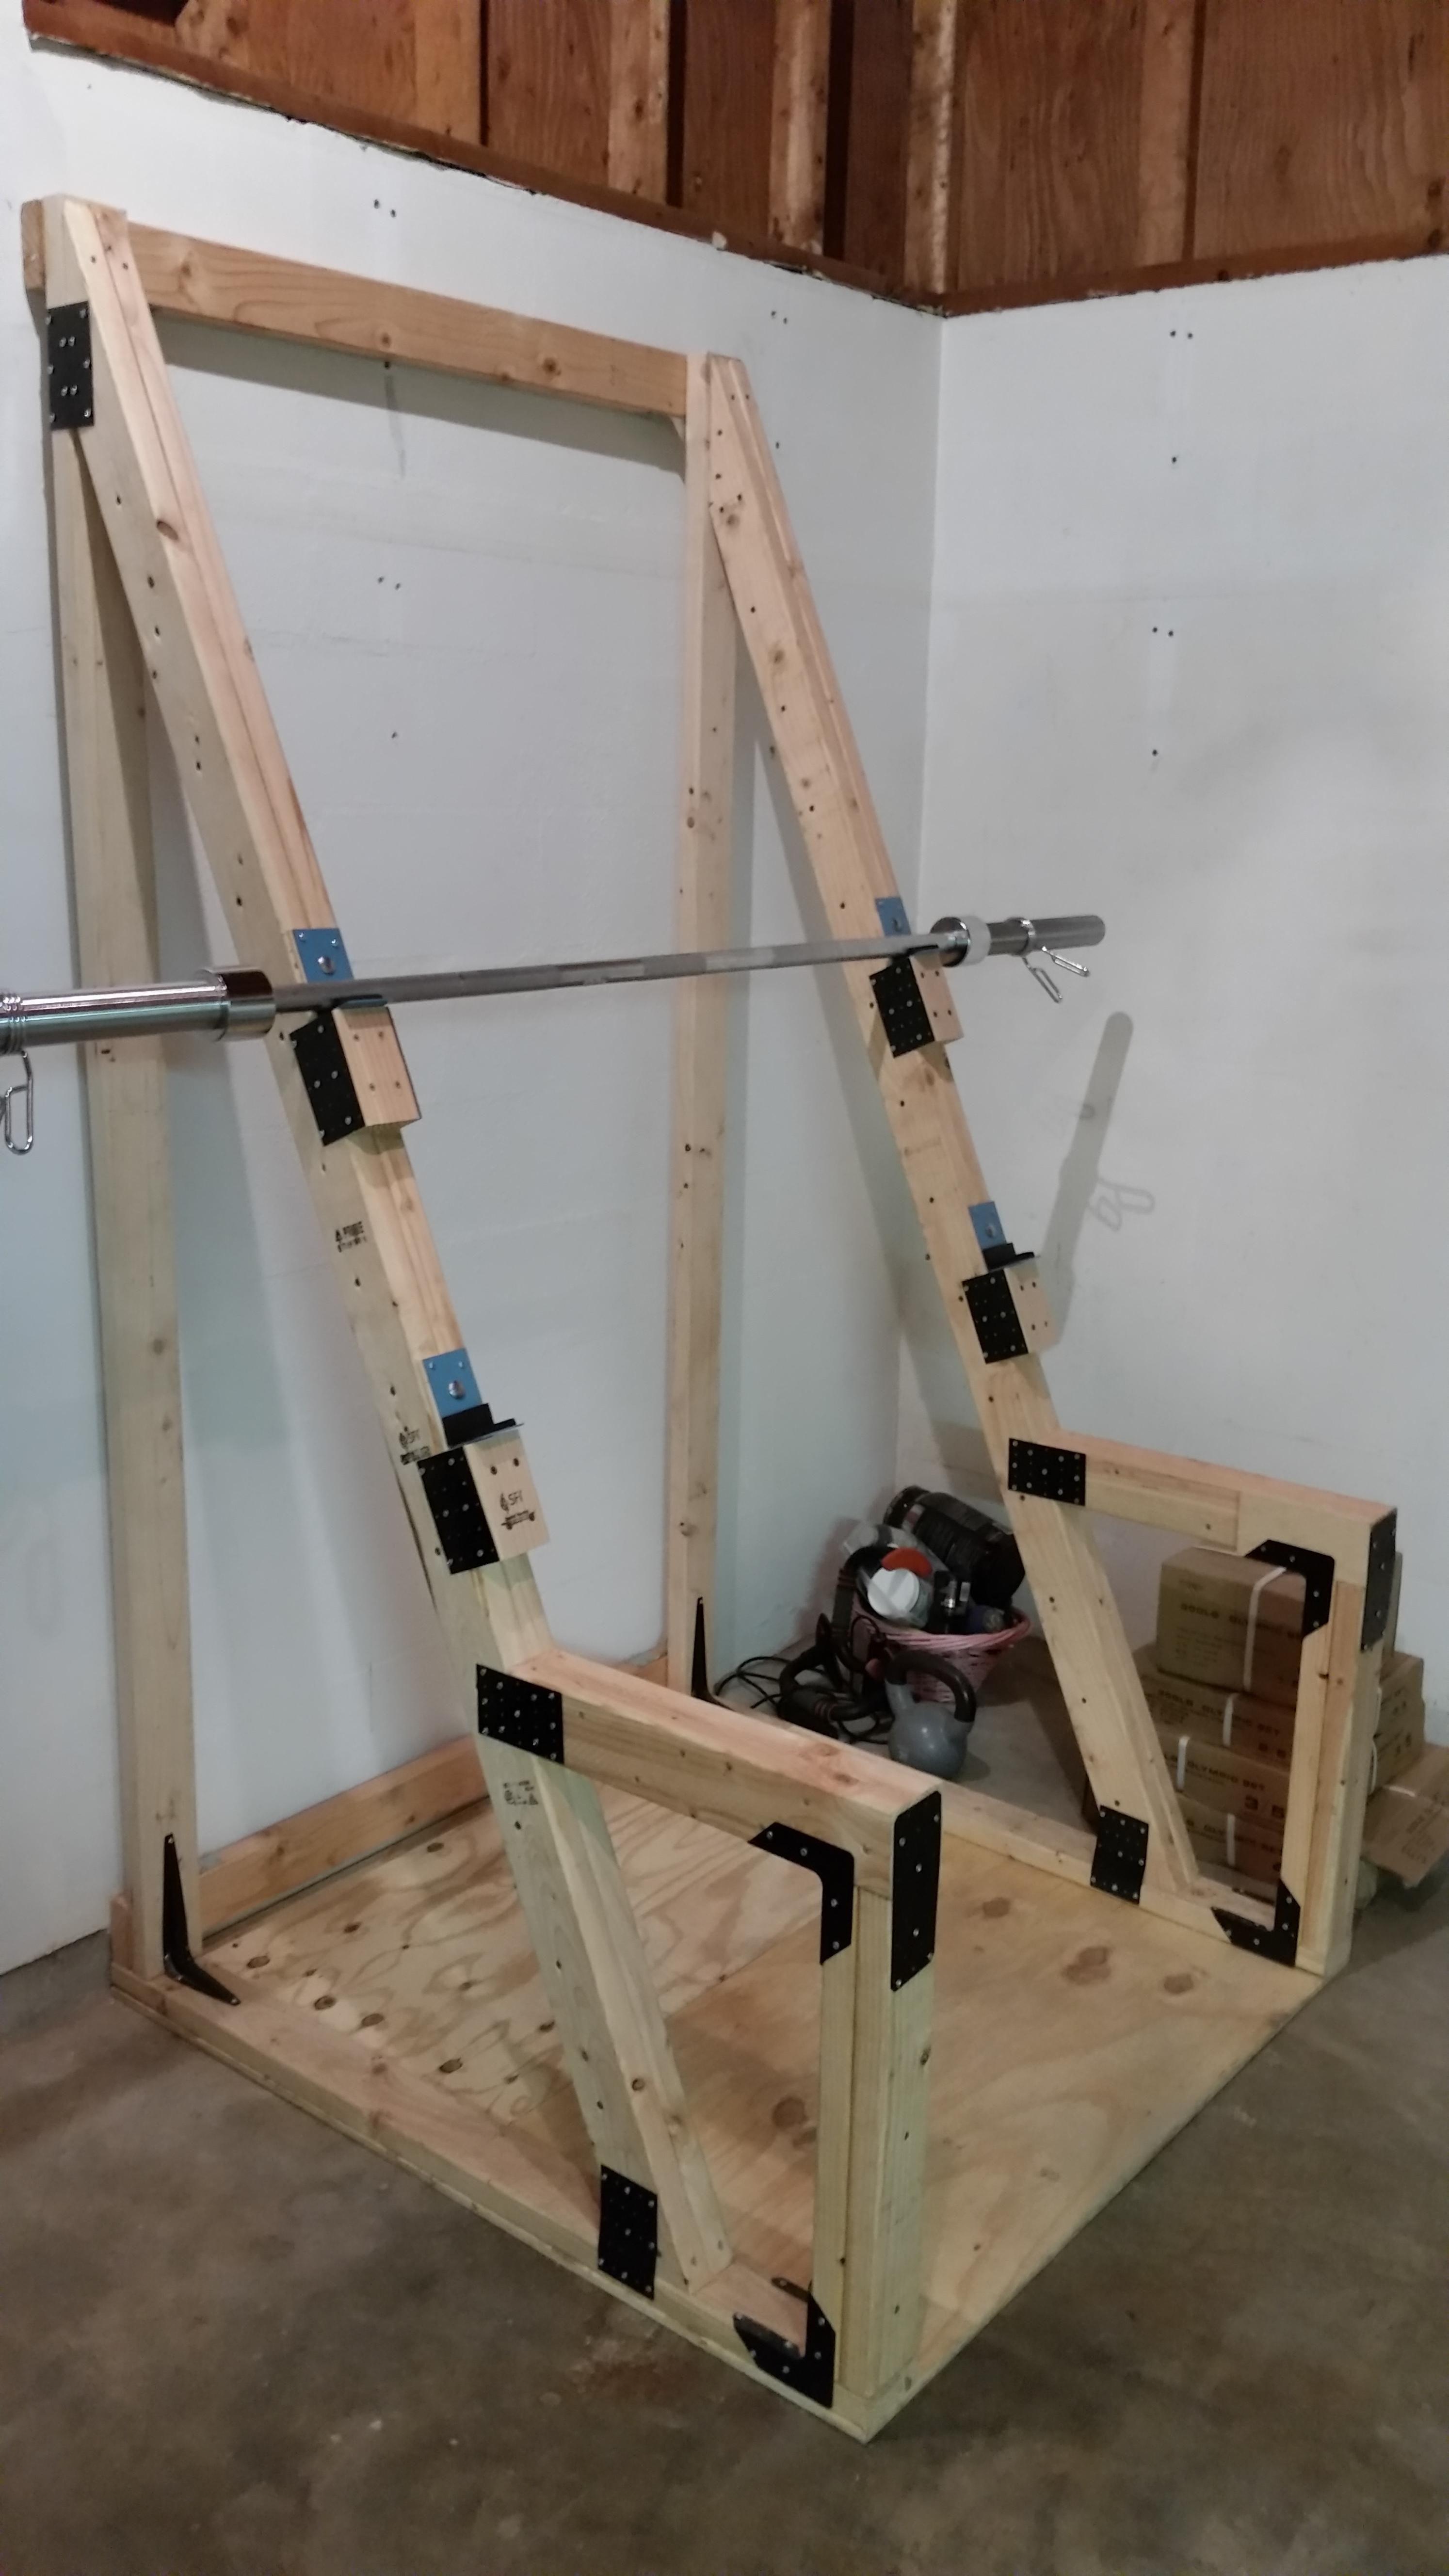 Diy home gym  DIY Homemade Squat & Bench Rack | Gym | Pinterest | Squat and Homemade